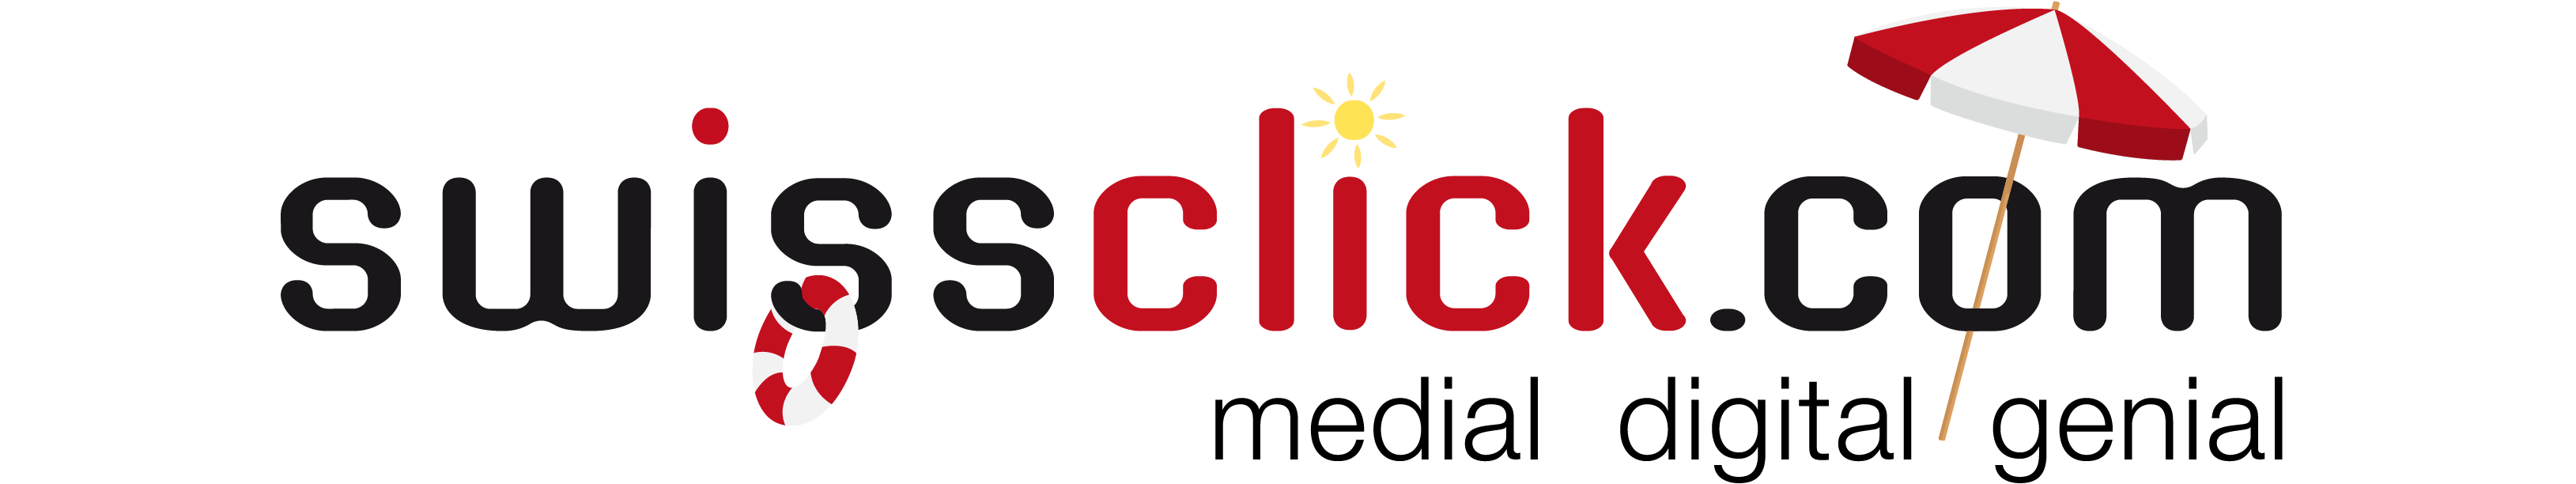 swissclick_logo_weiss_Sommer2-01